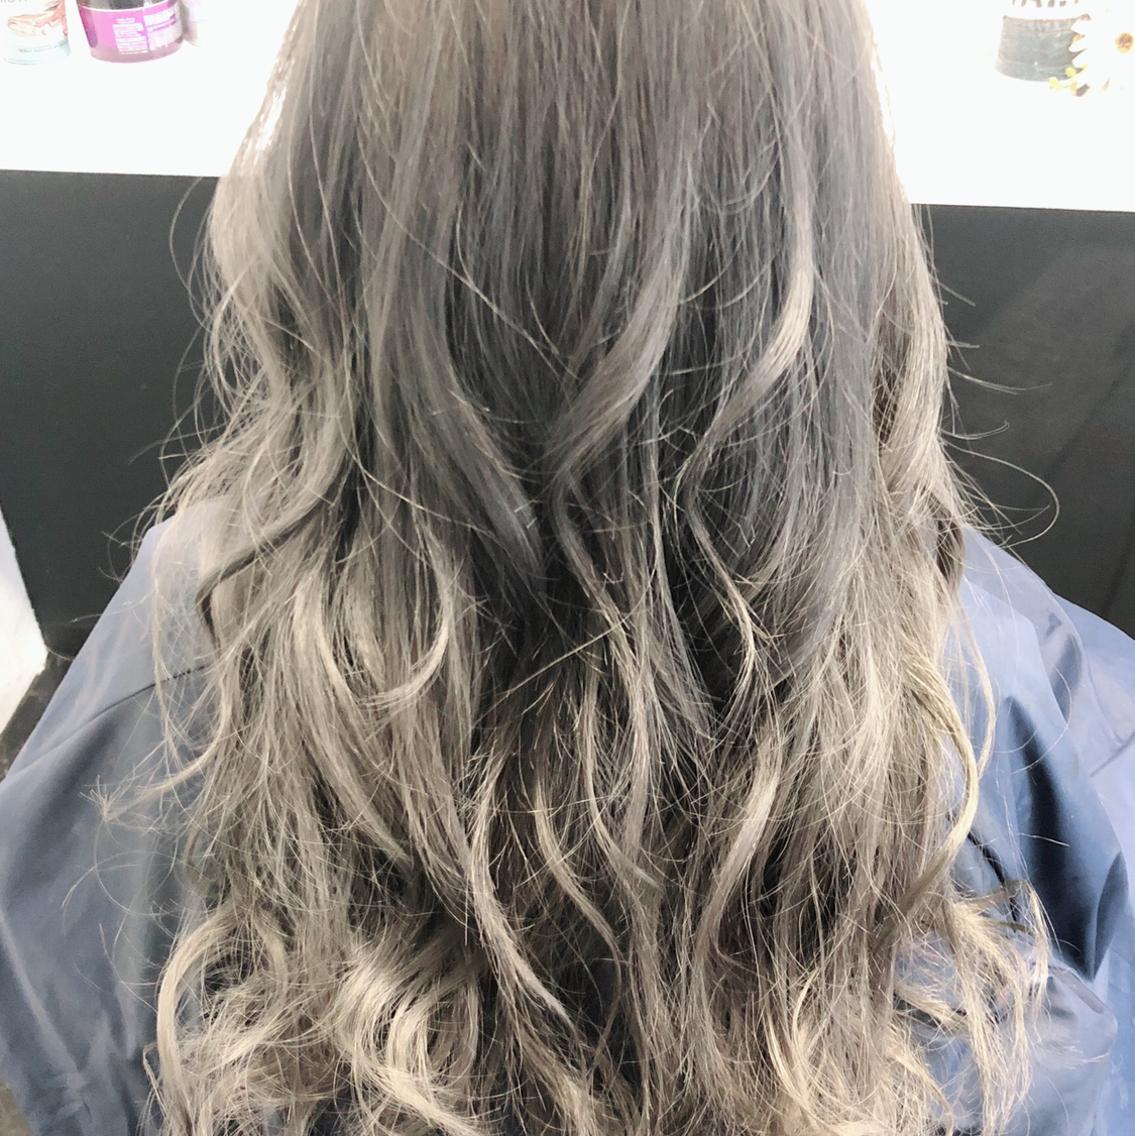 hair&makeEarth南柏店所属・梅田 夏輝の掲載